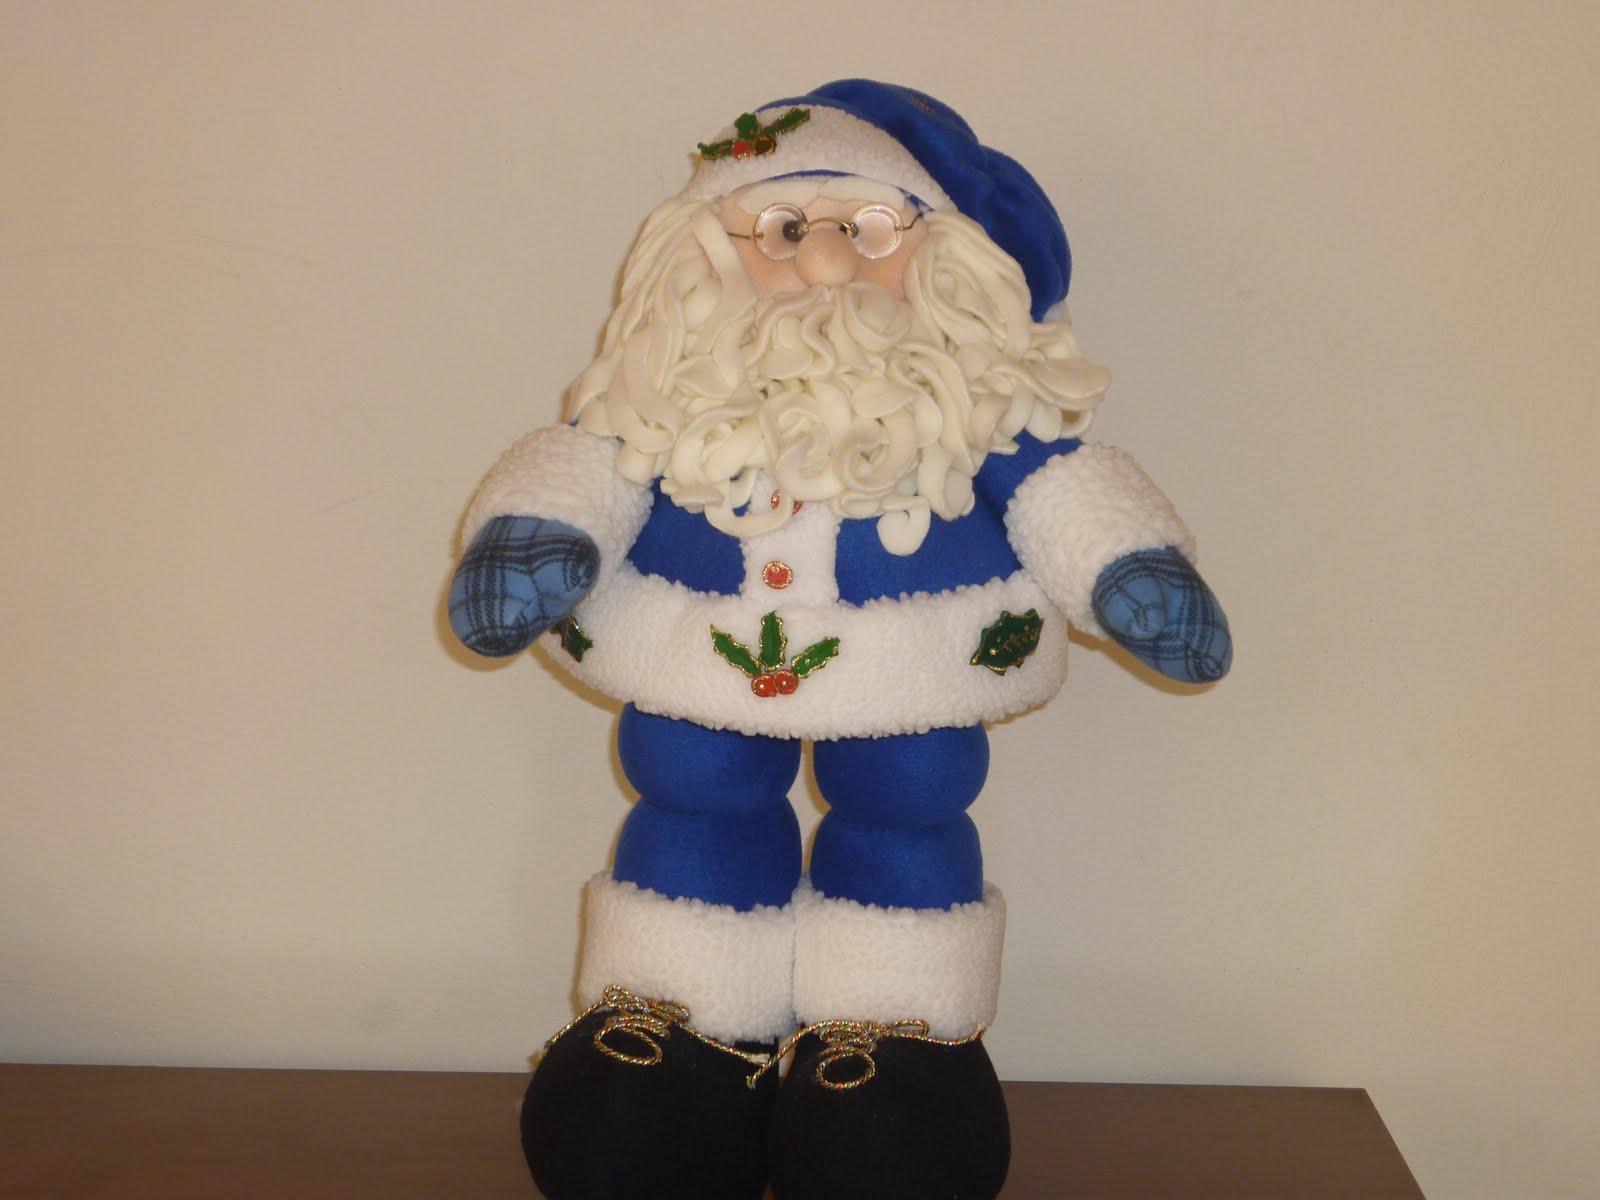 Decoraciones navide as papa noel azul - Papa noel decoracion navidena ...